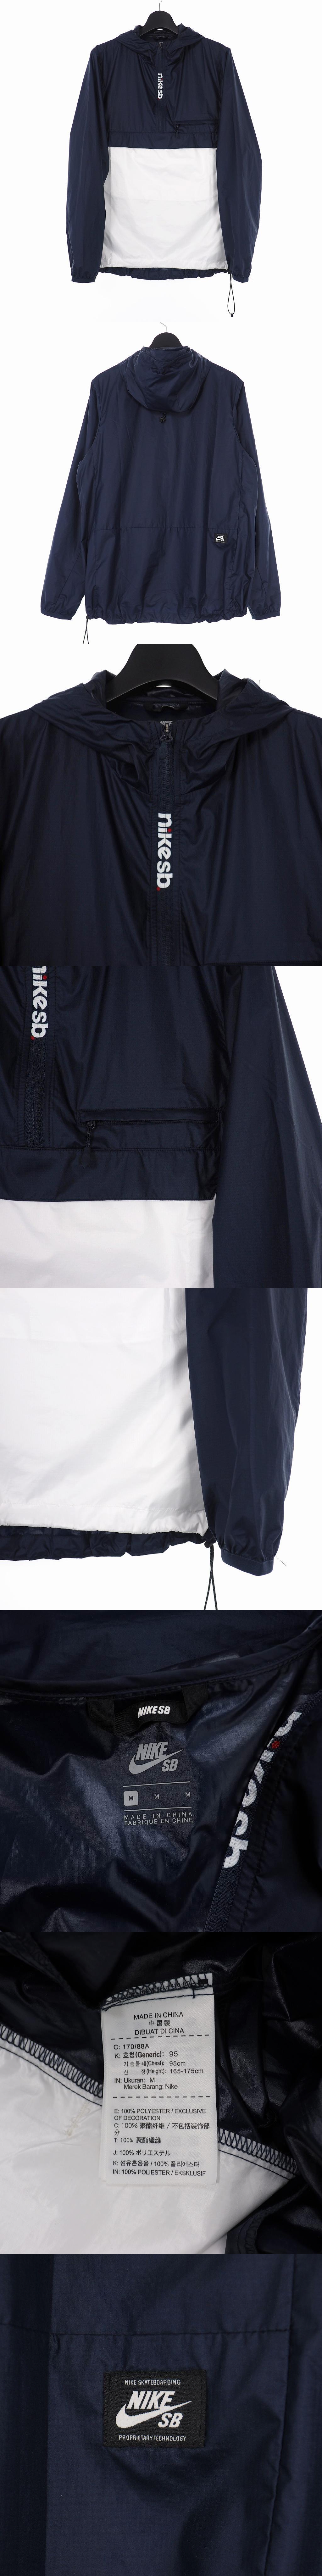 パッカブル アノラックパーカー ジャケット ハーフジップ M ネイビー 紺 ホワイト 白 860266-475